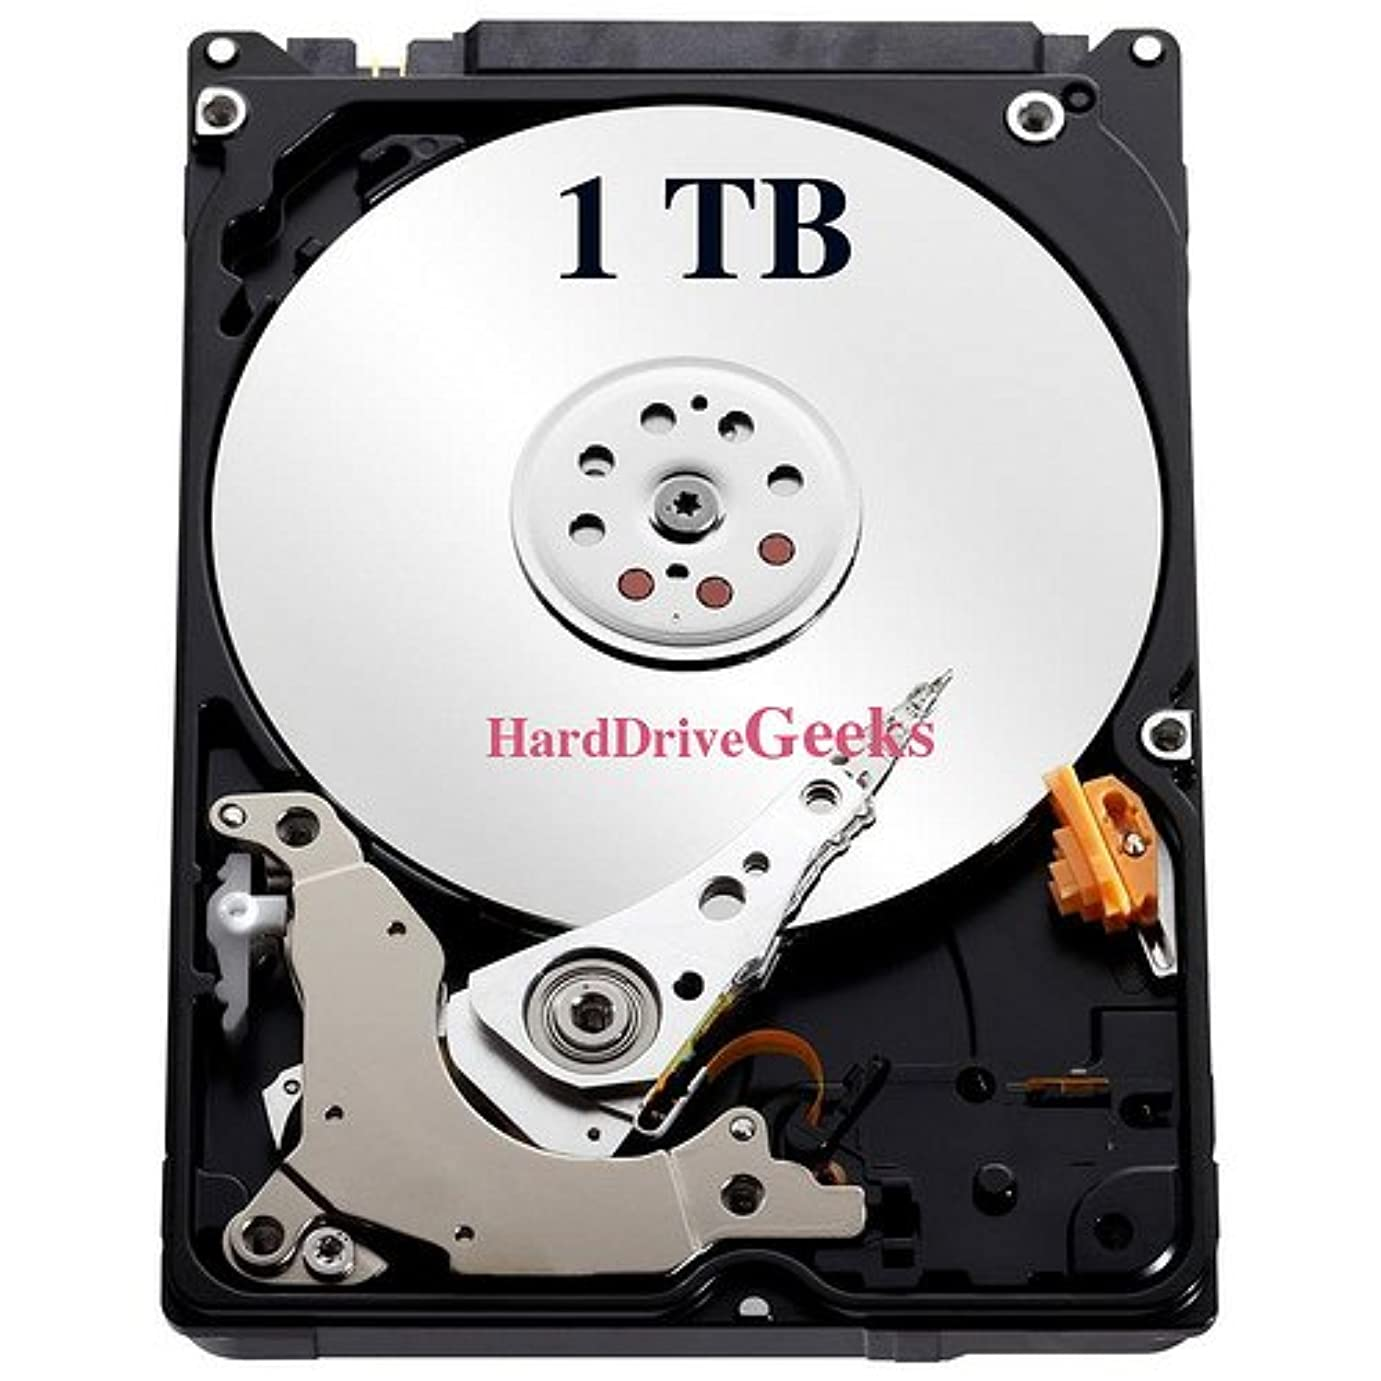 悪化させるドメインチチカカ湖1tb 2.5インチハードドライブのゲートウェイlt-2122u lt-2123u lt-2304?a lt-2315u lt-2316u lt-2318uノートパソコン